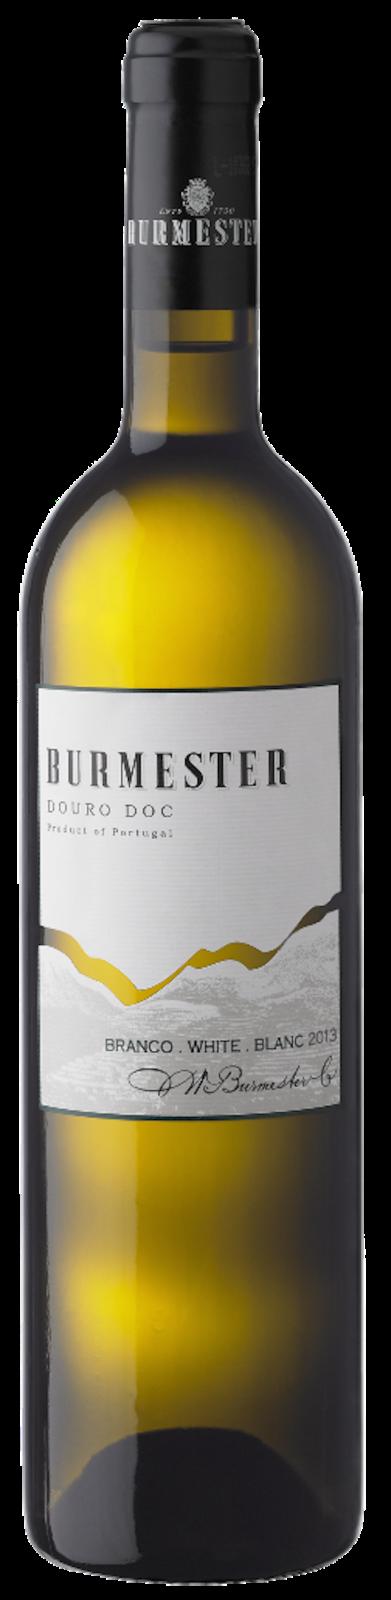 Burmester Branco 2013_PVP 4,49€